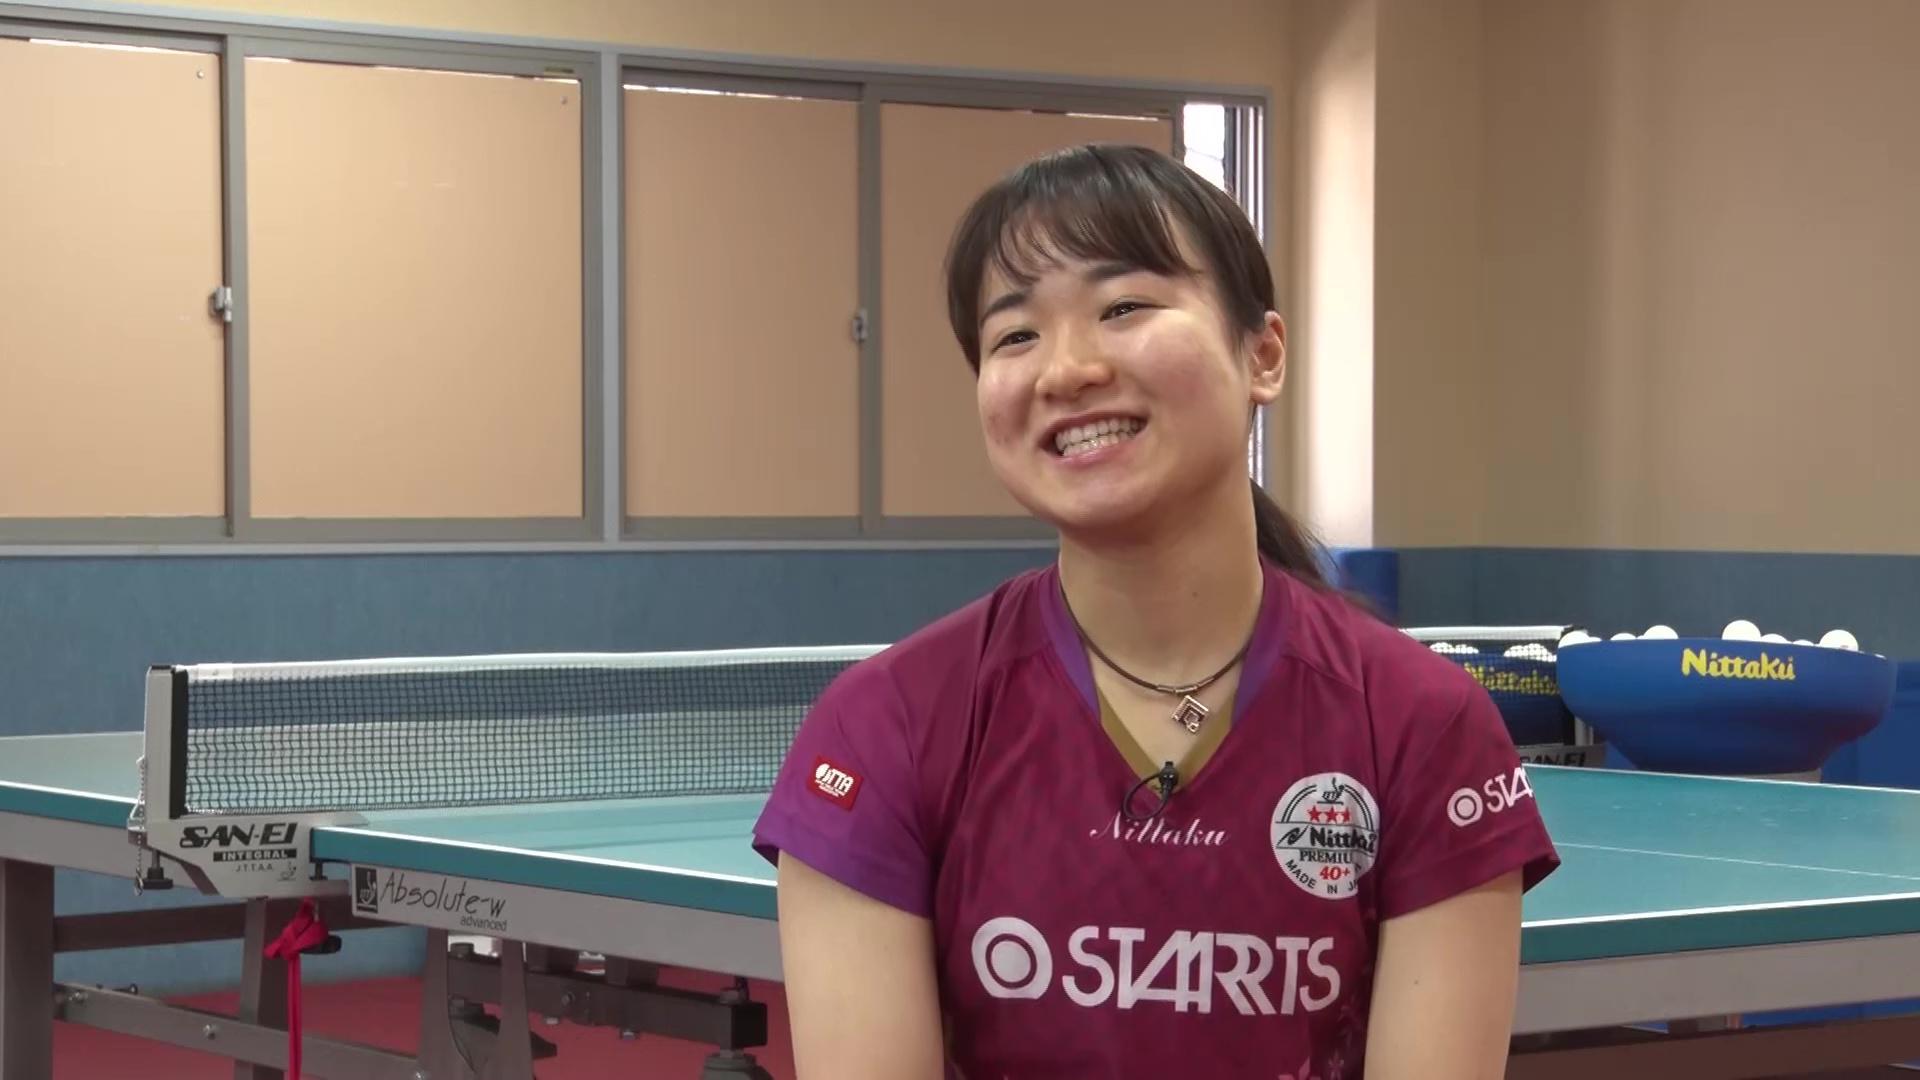 伊藤美誠 東京五輪へ「大爆発して最後は笑っていい色のメダルを獲れるように」